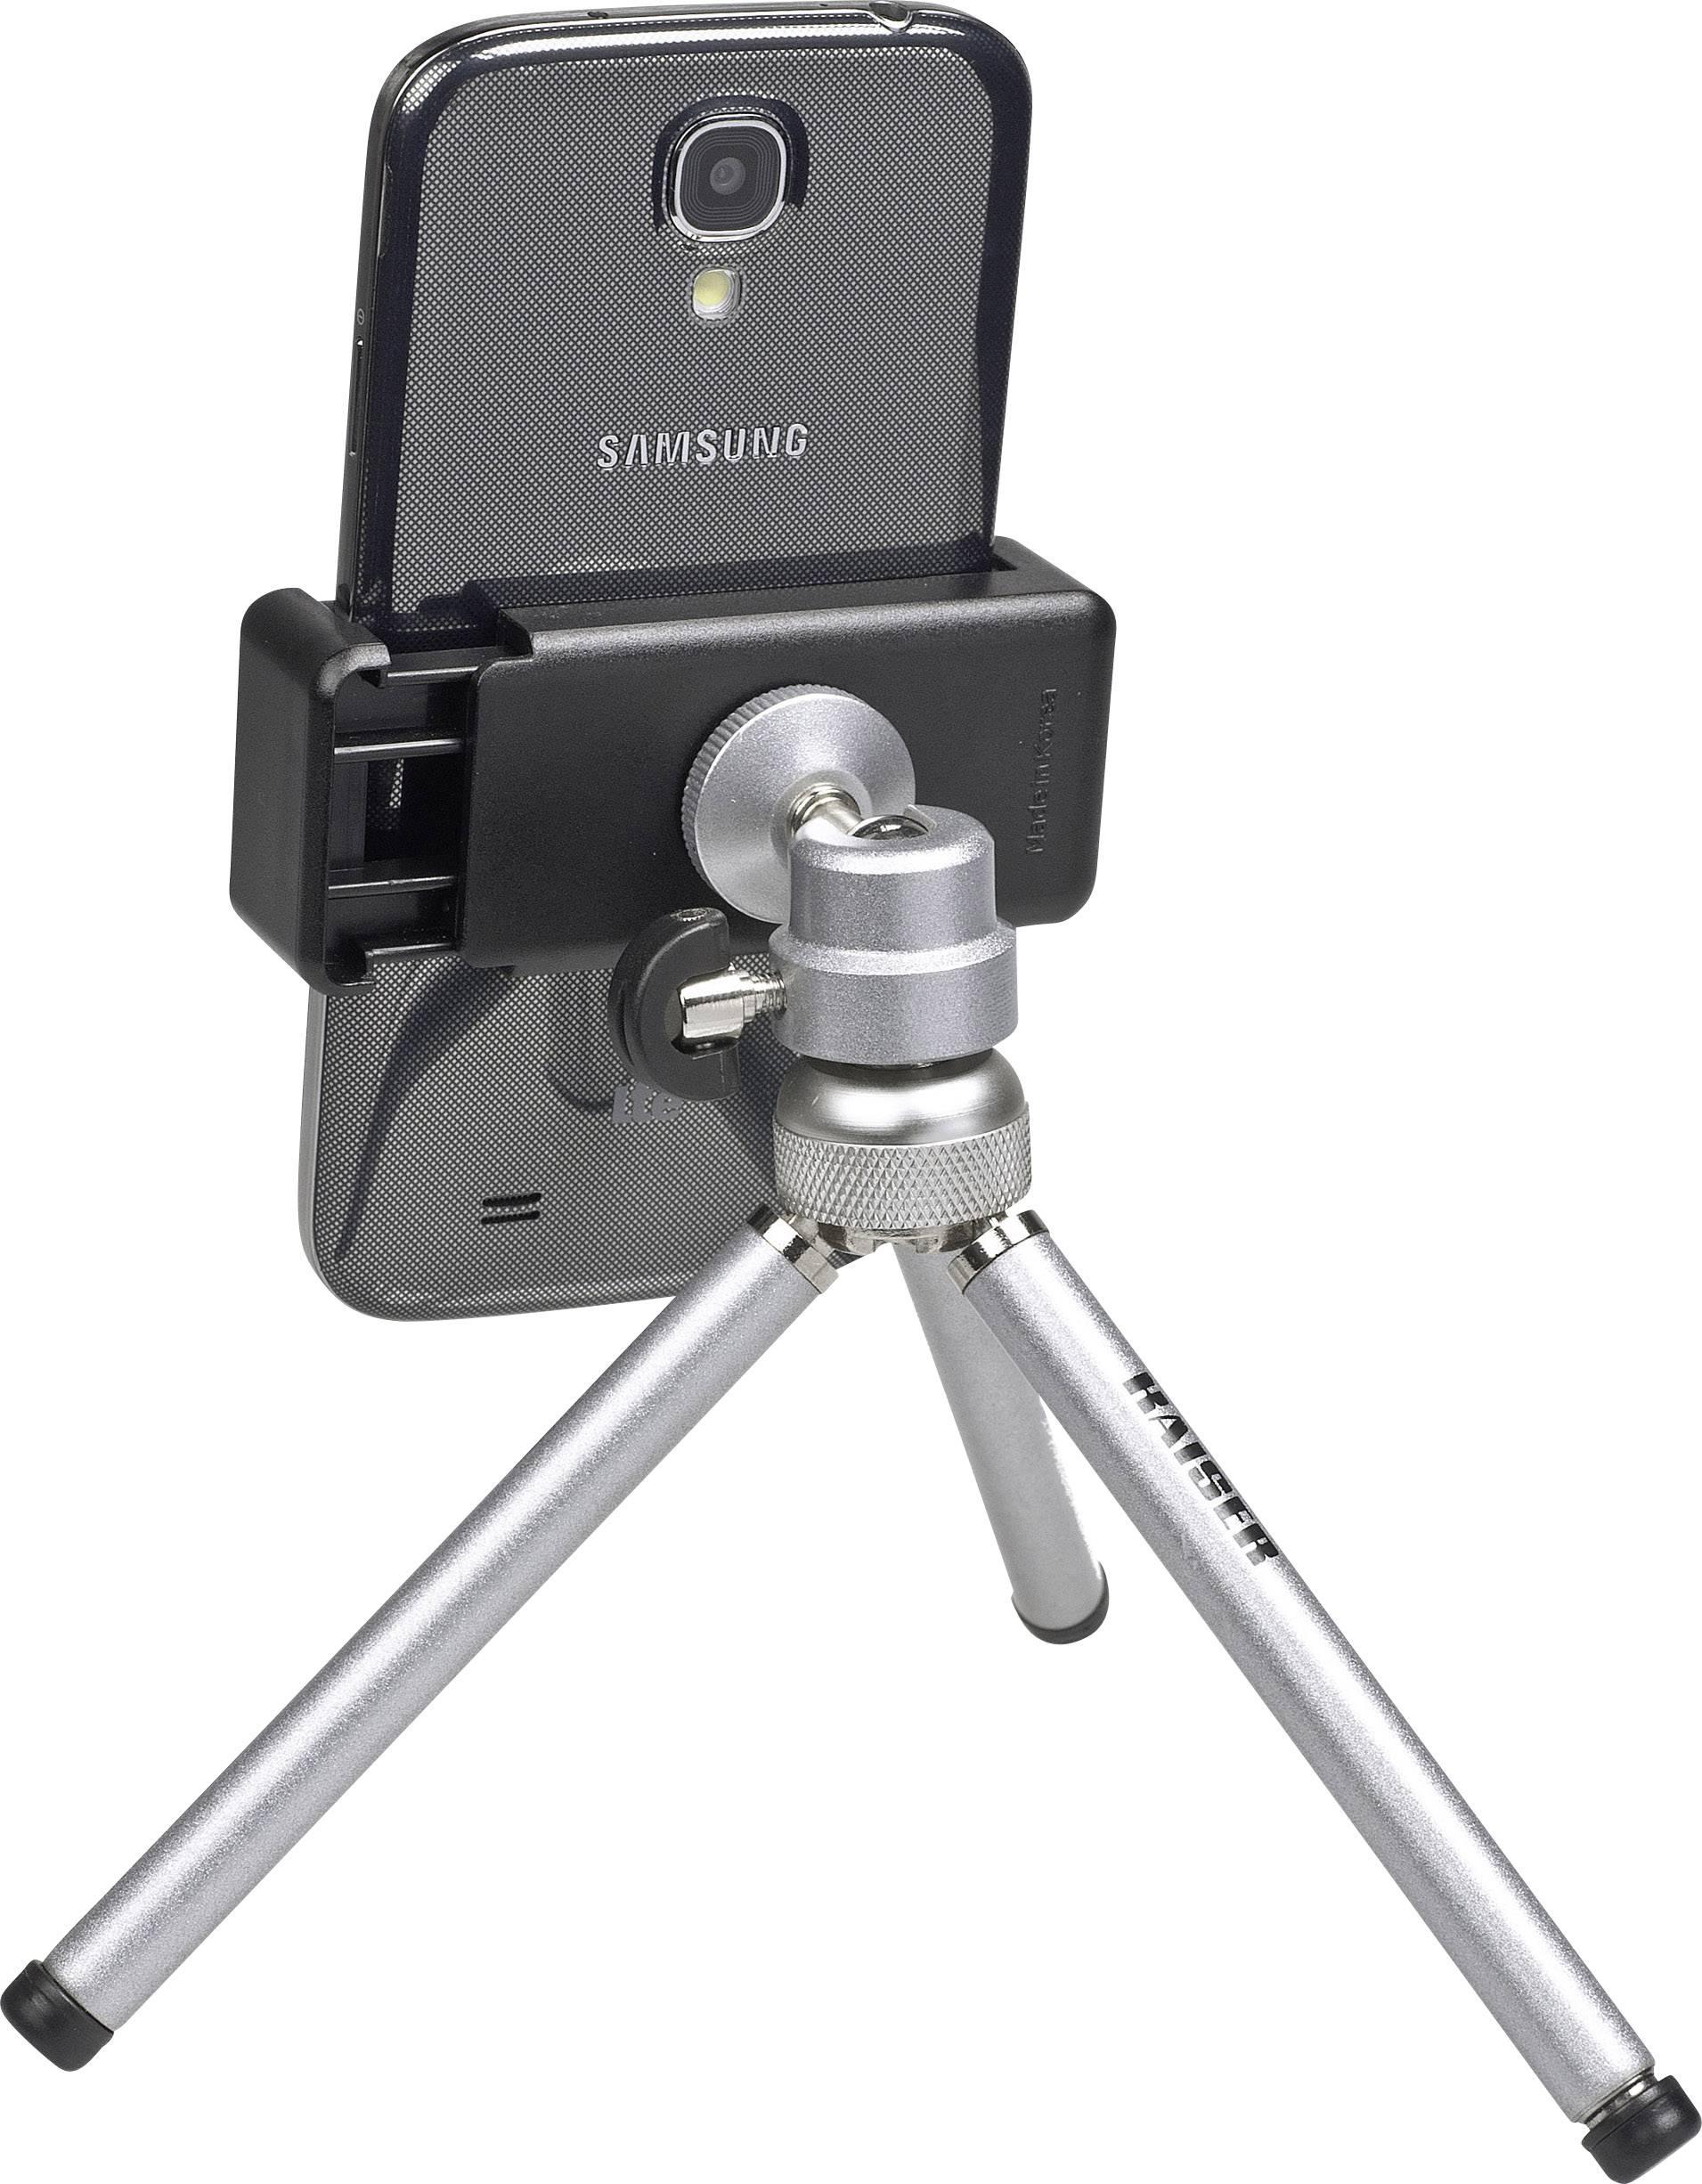 Kfz-Ladeger/ät f/ür Apple- /& Android-Ger/äte /& Basics USB-Anschluss: 2 Eing/änge HAZET Reifenf/üll-Messger/ät Manometer-Messbereich 0-12 bar, Schlauchl/änge 400 mm Schwarz//Rot